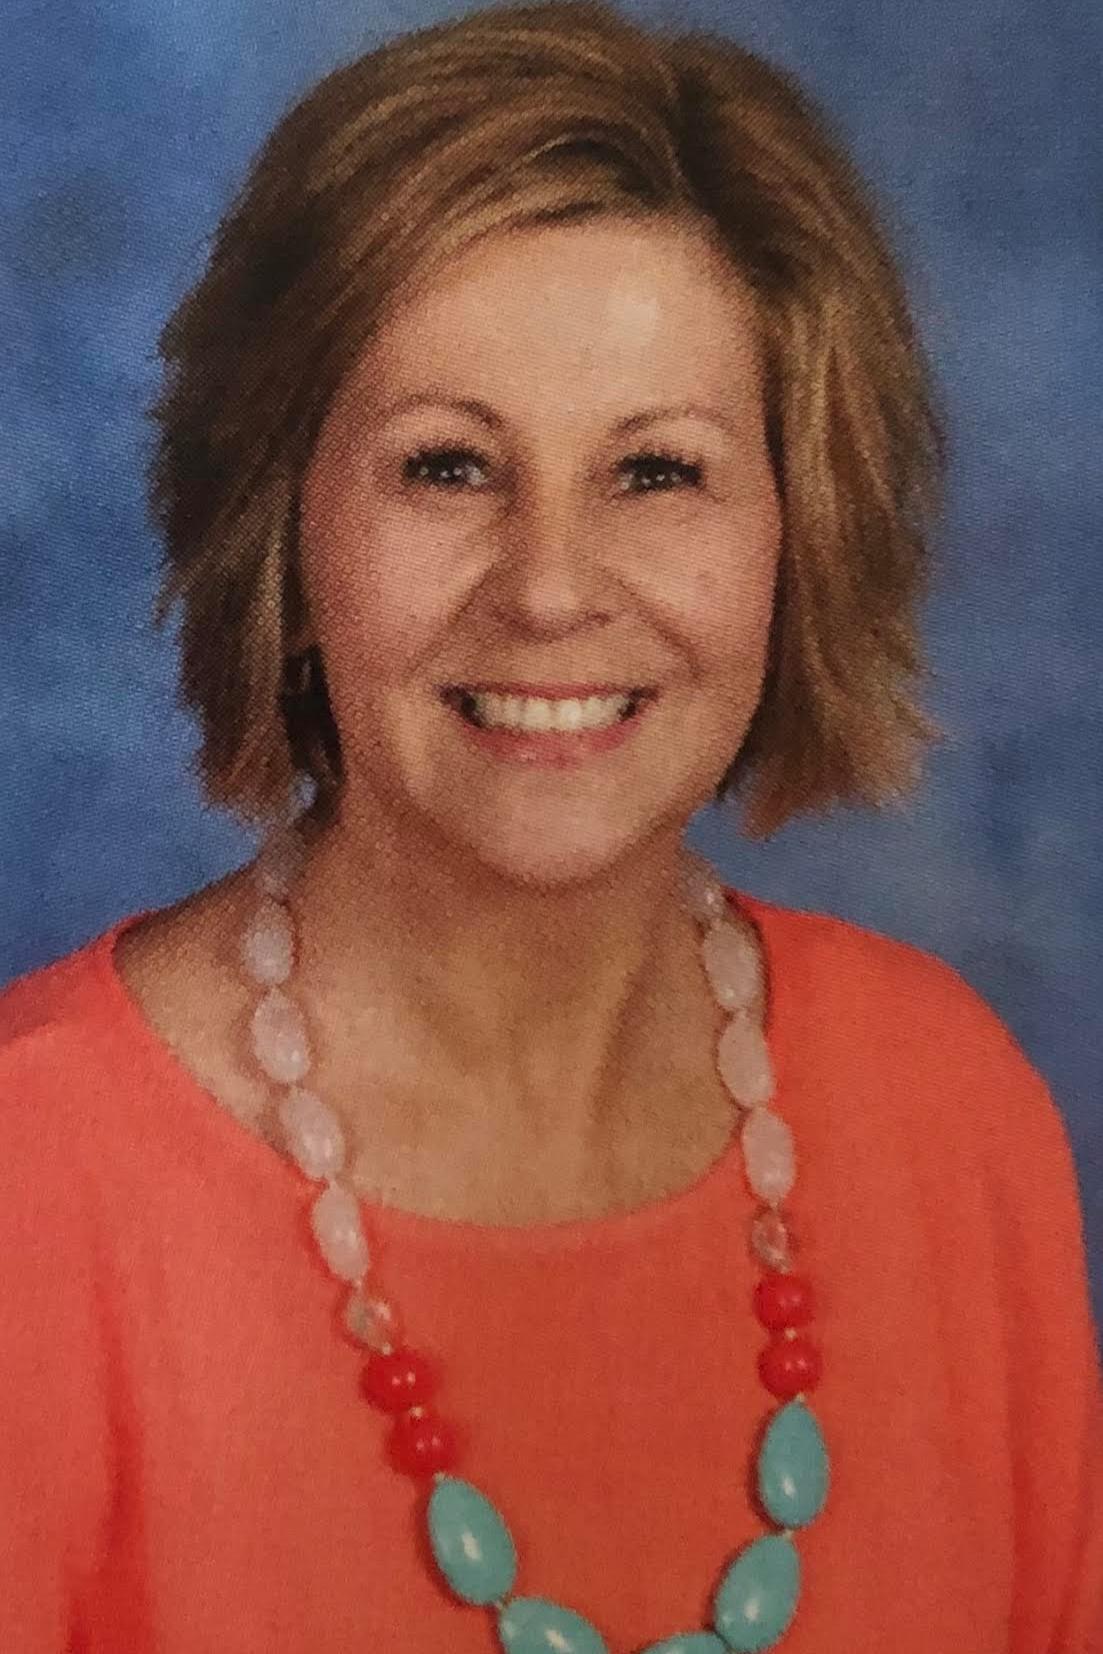 Brenda herring - Events CoordinatorSubstitute Teacher